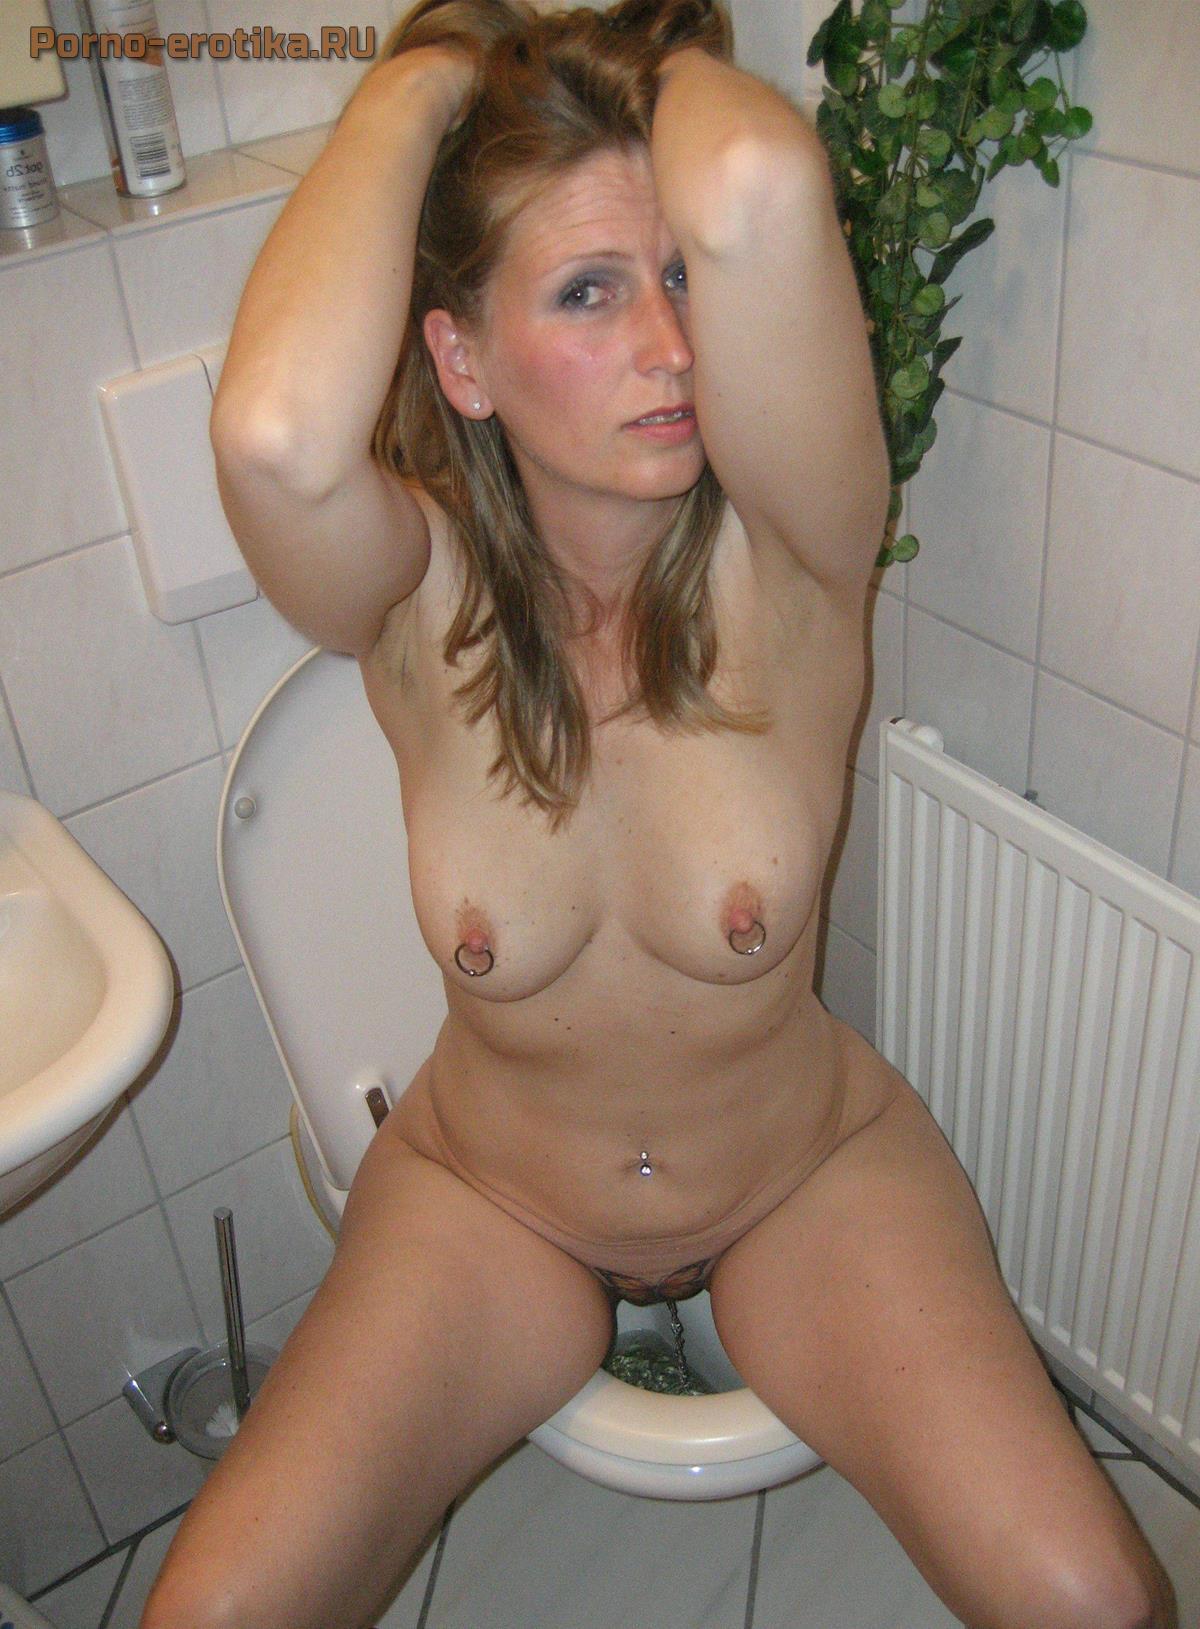 Зрелые бабы ссут порно фото